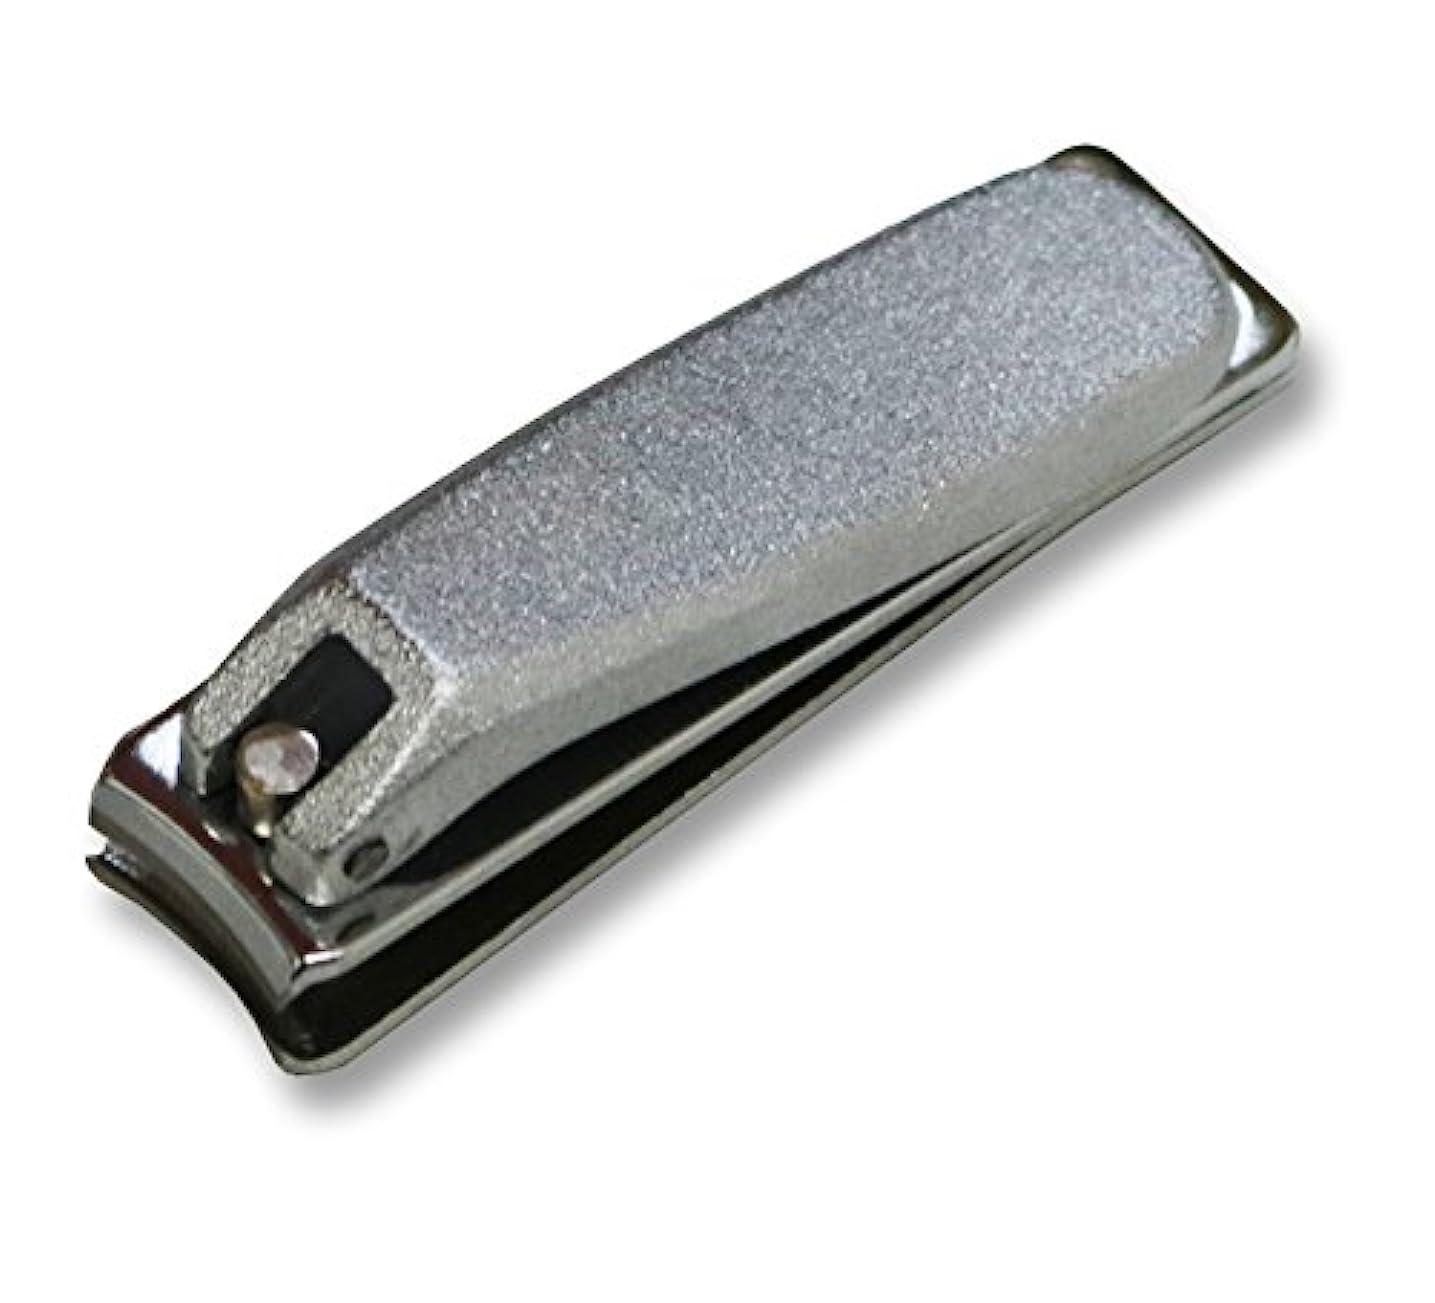 闘争立方体放射するKD-023 関の刃物 クローム爪切 小 カバー無